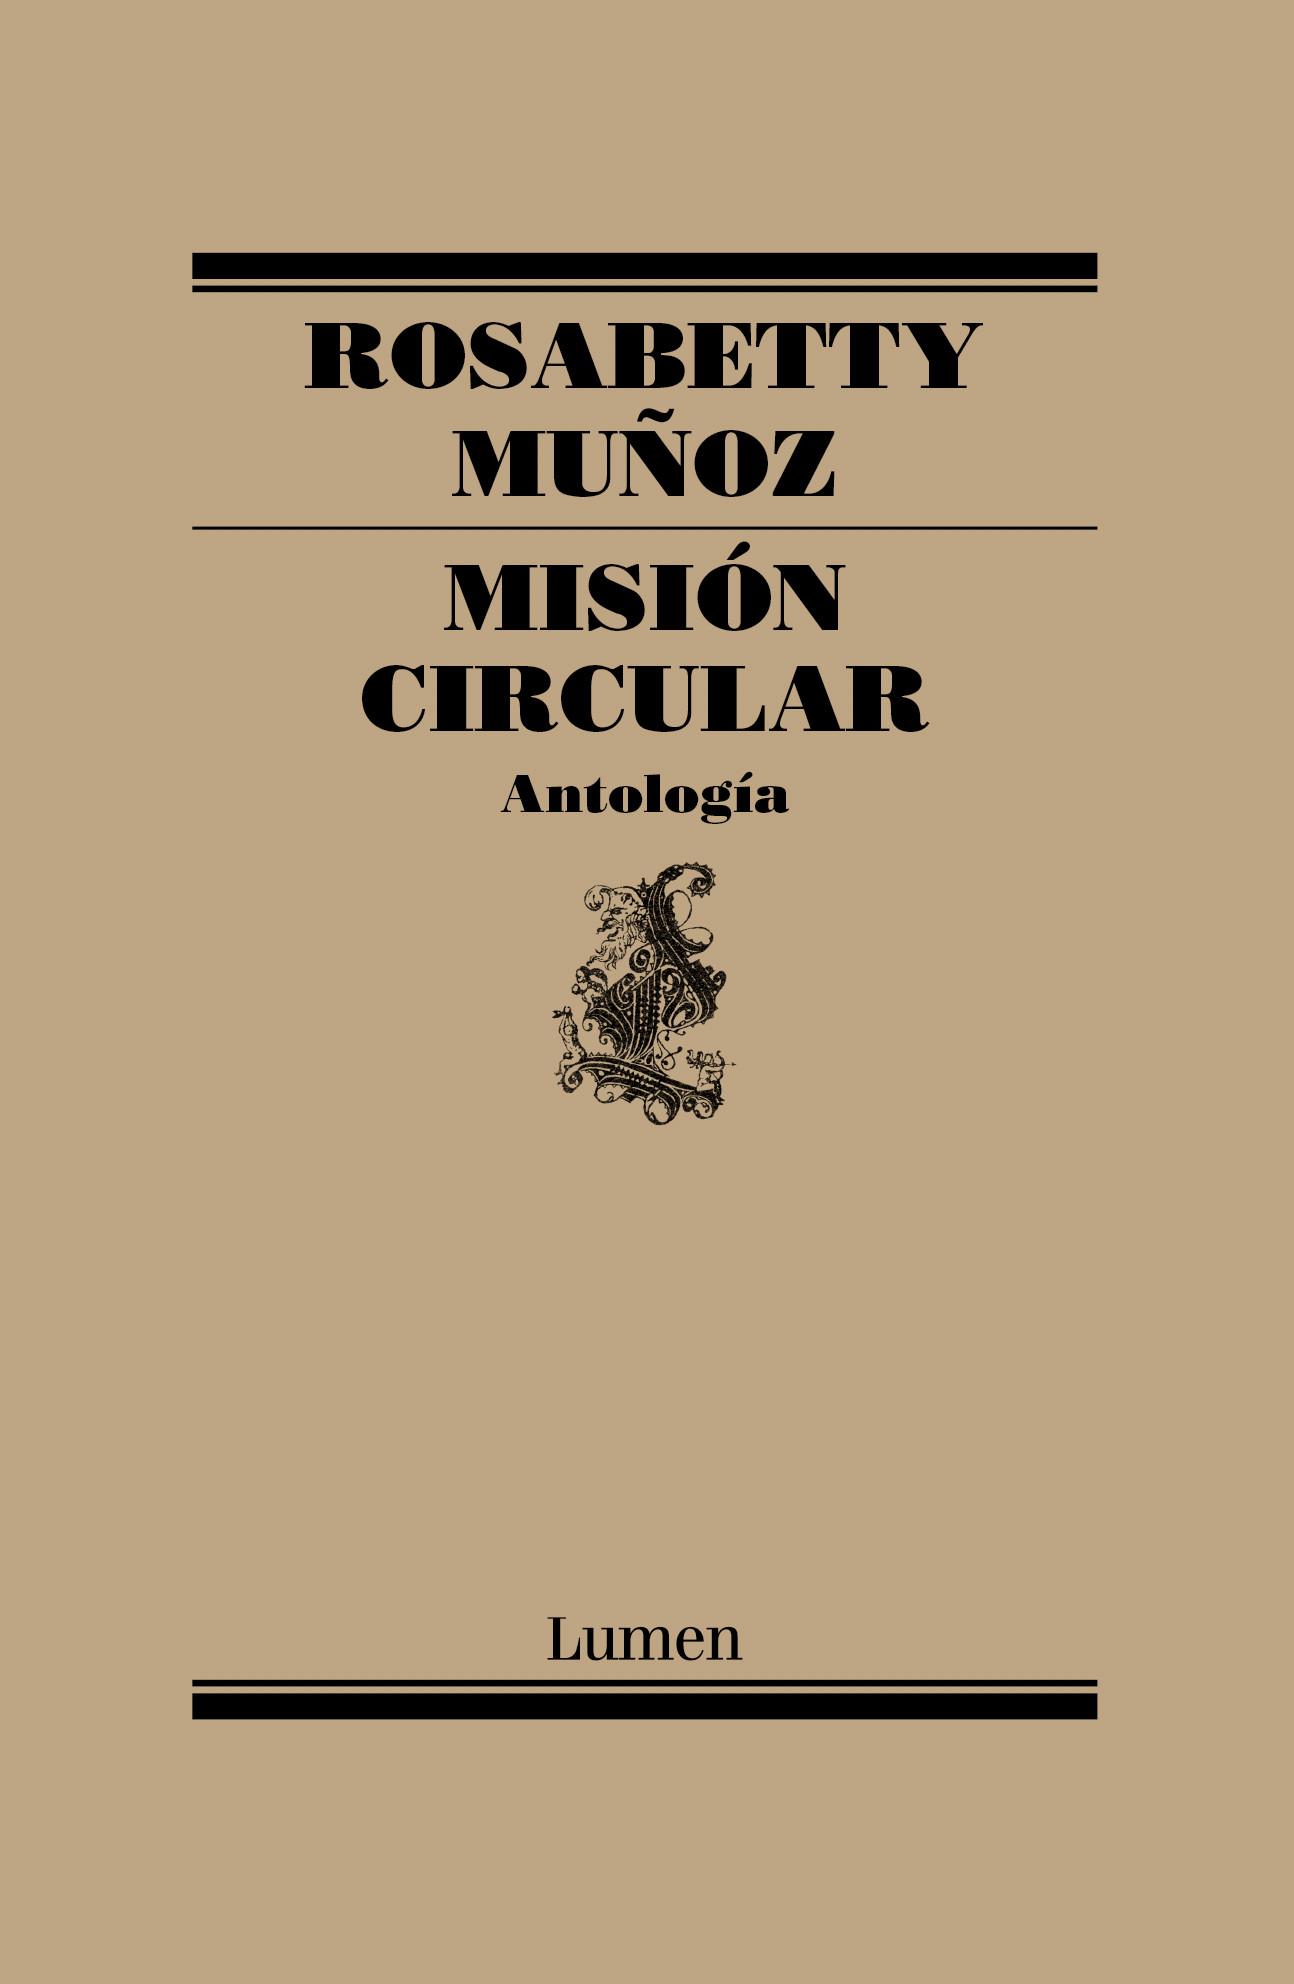 Misión circular